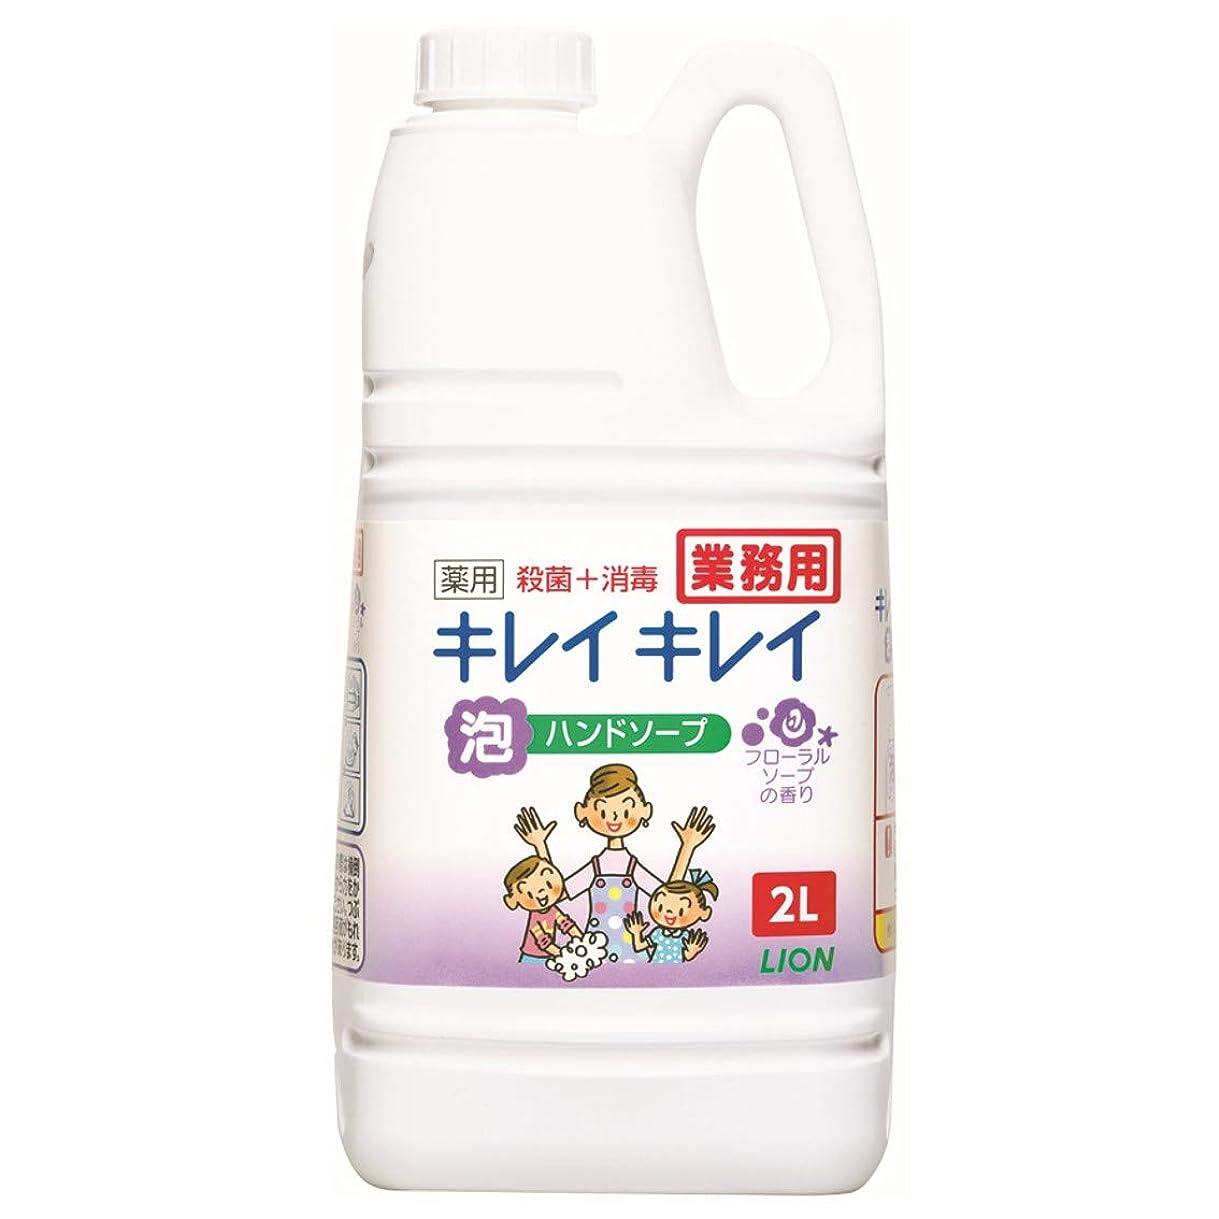 排泄する恐怖頼む【大容量】キレイキレイ 薬用泡ハンドソープ フローラルソープの香り 2L